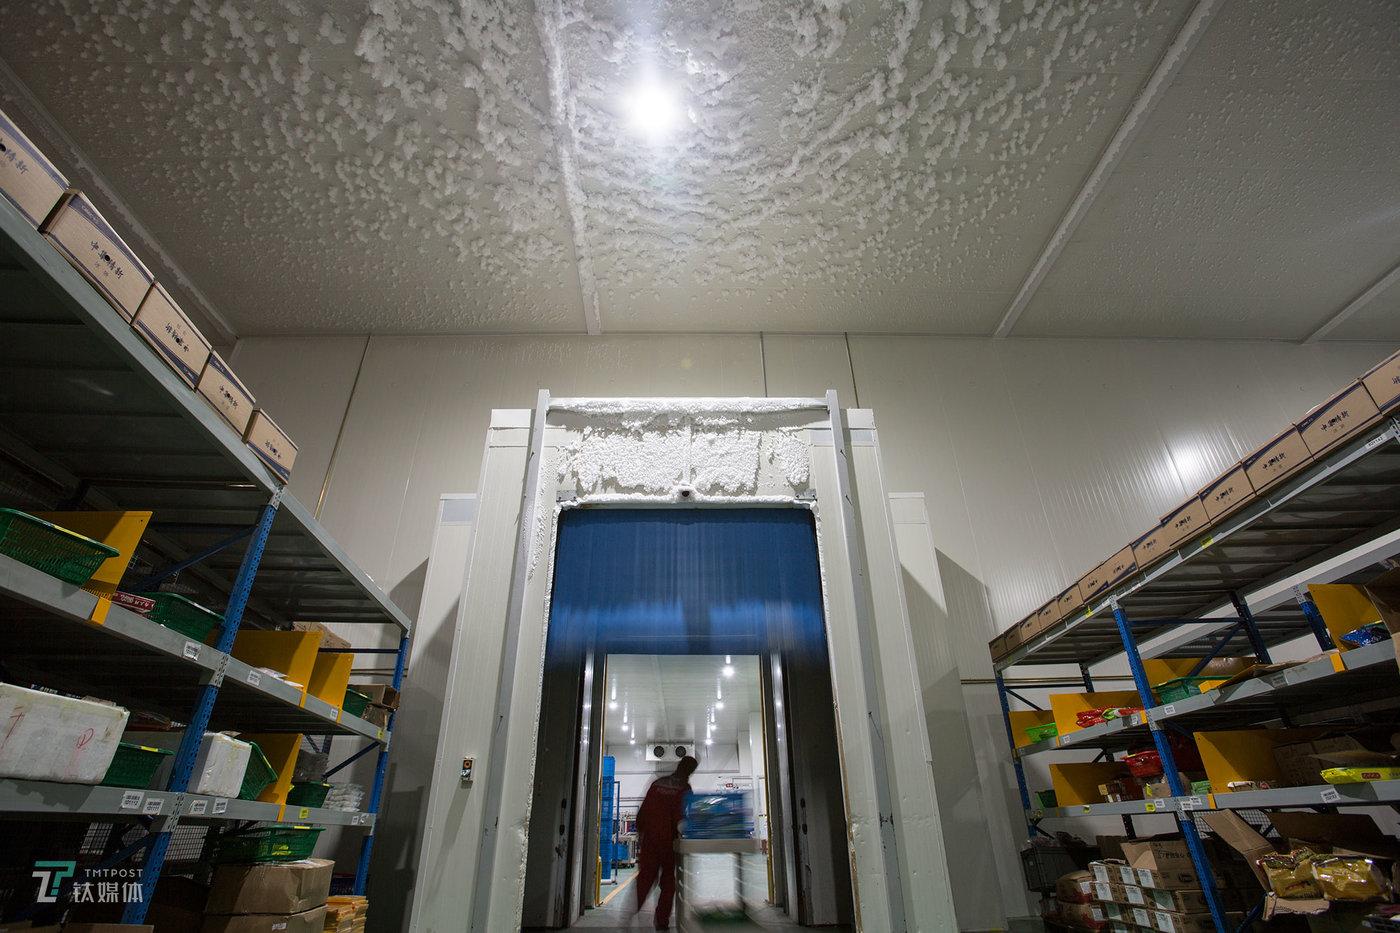 -18℃的冷冻区和5℃的冷藏作业区之间有一道感应门,拣货员从冷冻区完成订单拣选后用小车将商品推送到冷藏区供复核、打包。冷热空气交汇使得冷冻区大门的门楣和天花板上覆盖上了冰雪。